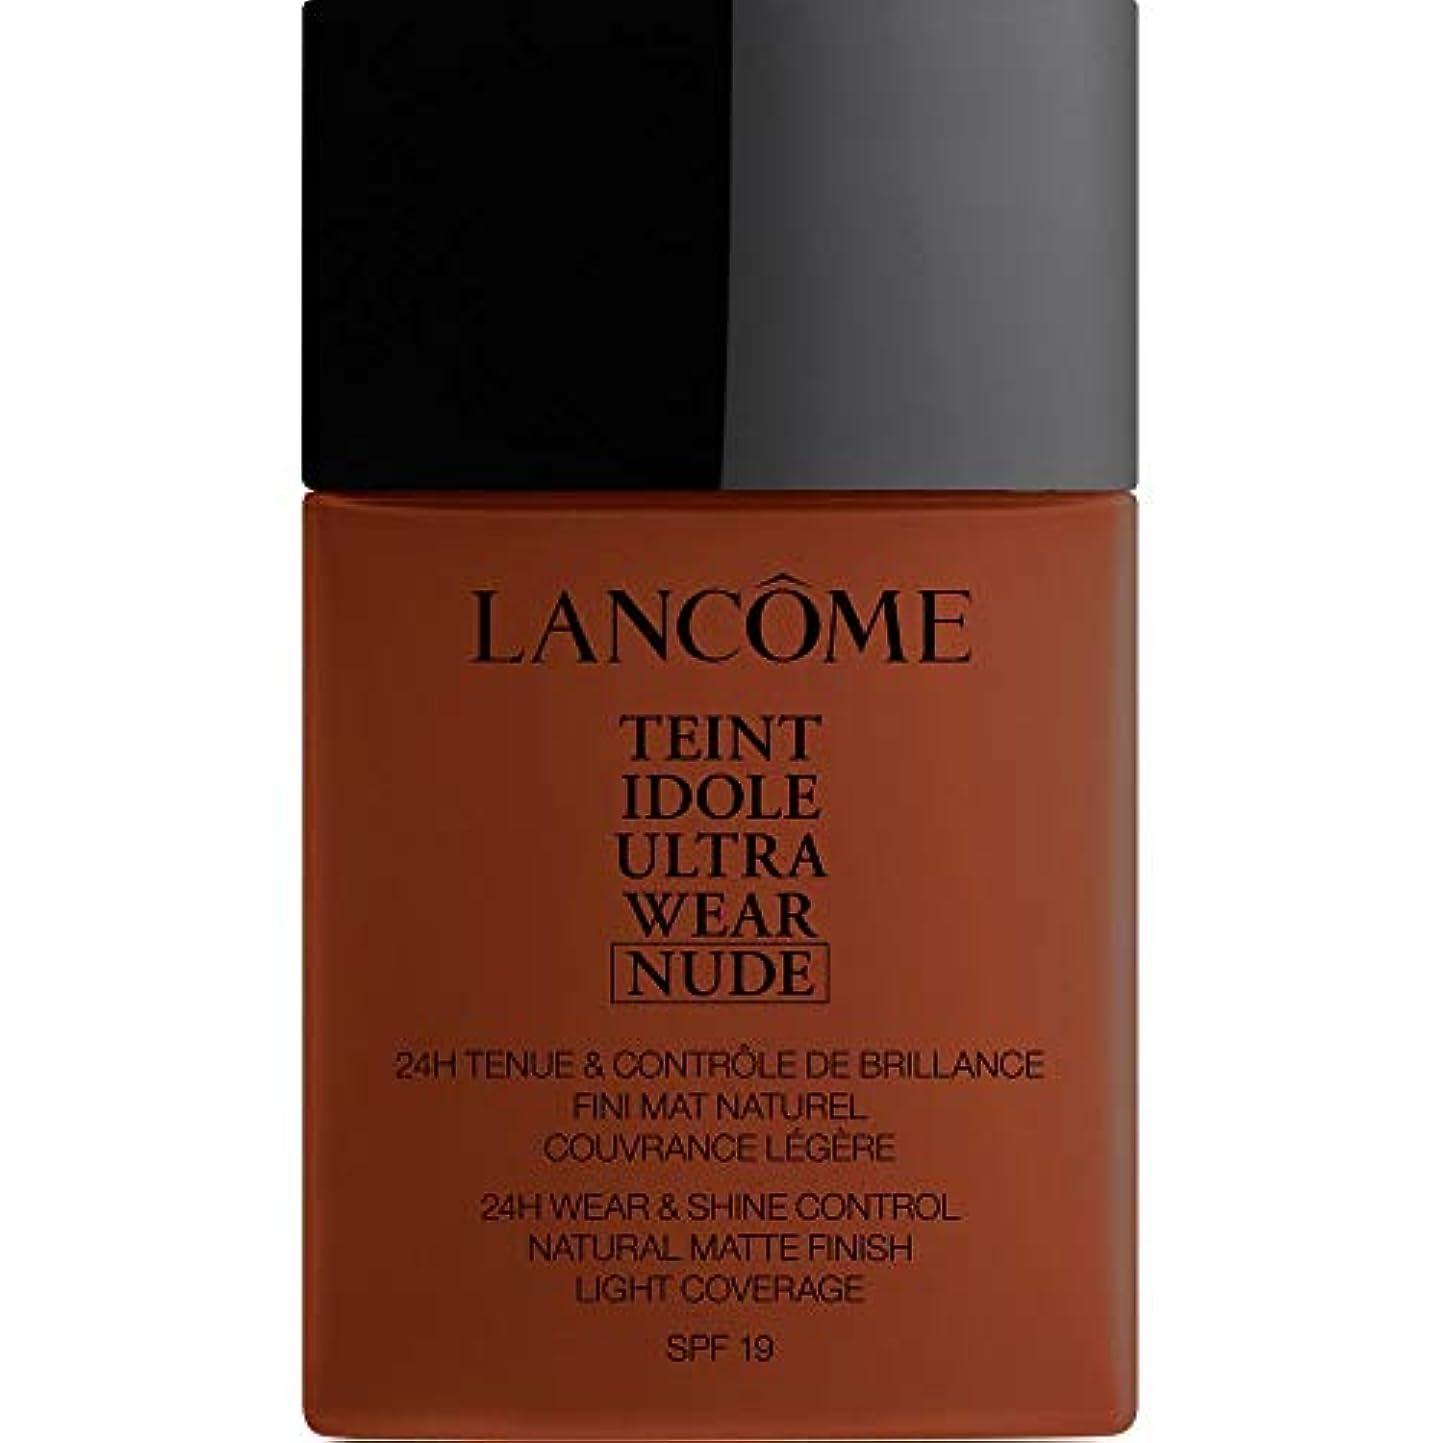 知り合い器具補償[Lanc?me ] ランコムTeintのIdole超摩耗ヌード財団Spf19の40ミリリットル14 - ブラウニー - Lancome Teint Idole Ultra Wear Nude Foundation SPF19...